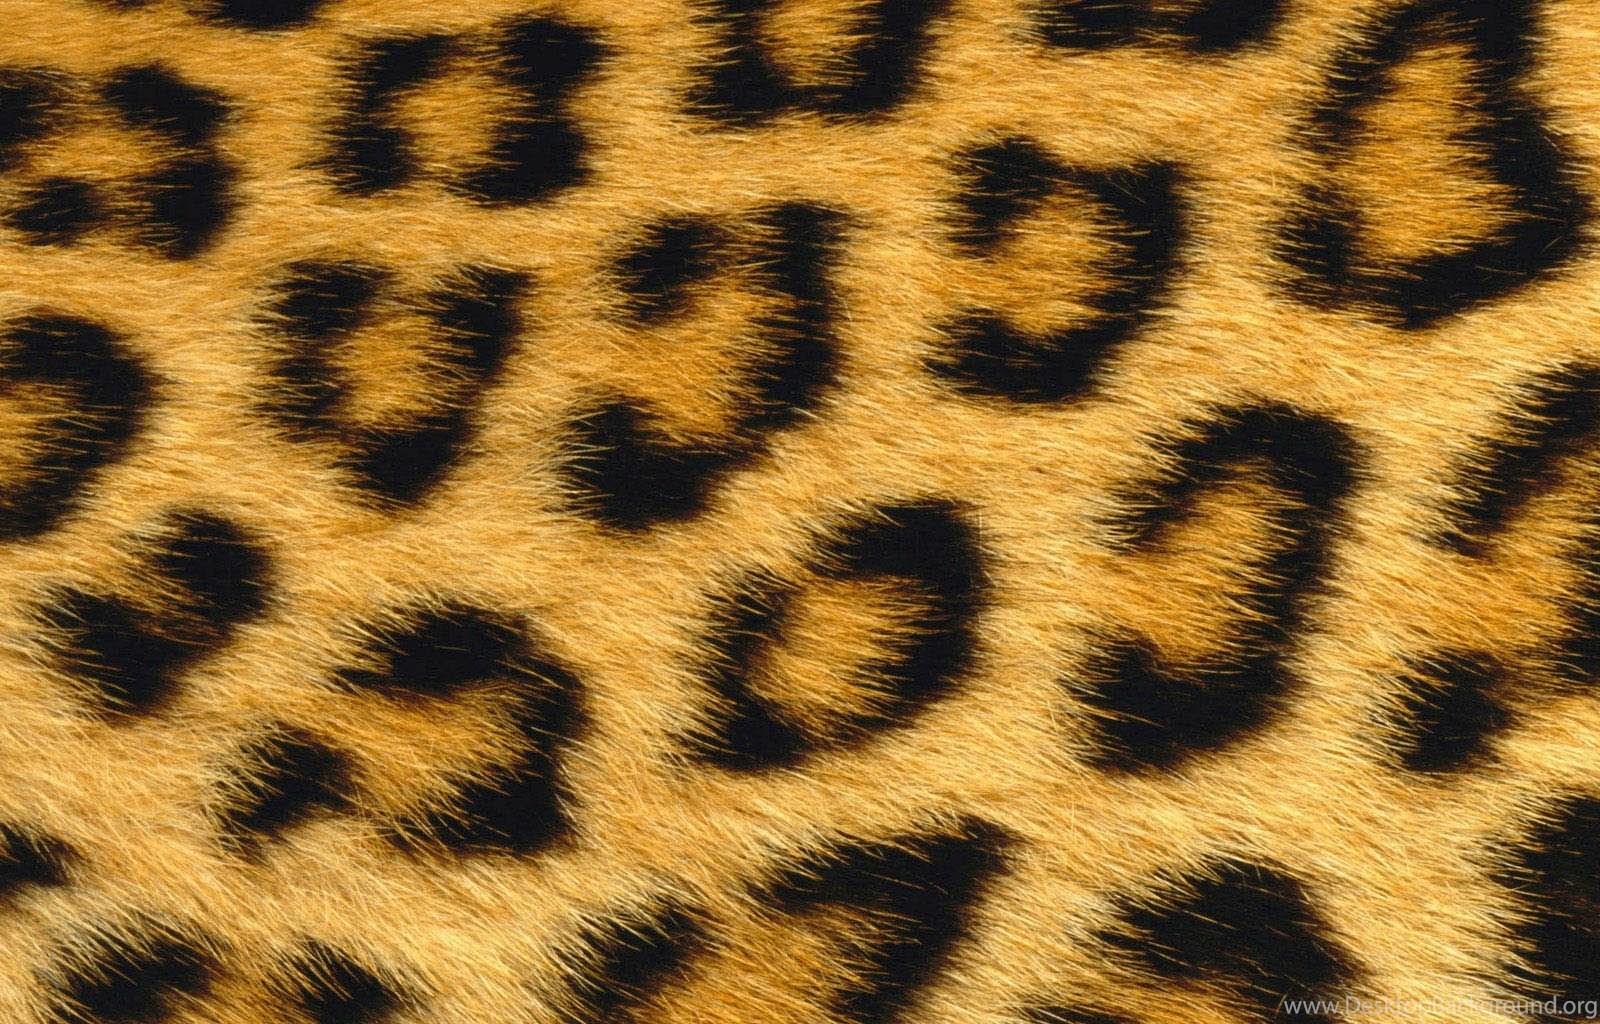 Cool animal print wallpapers